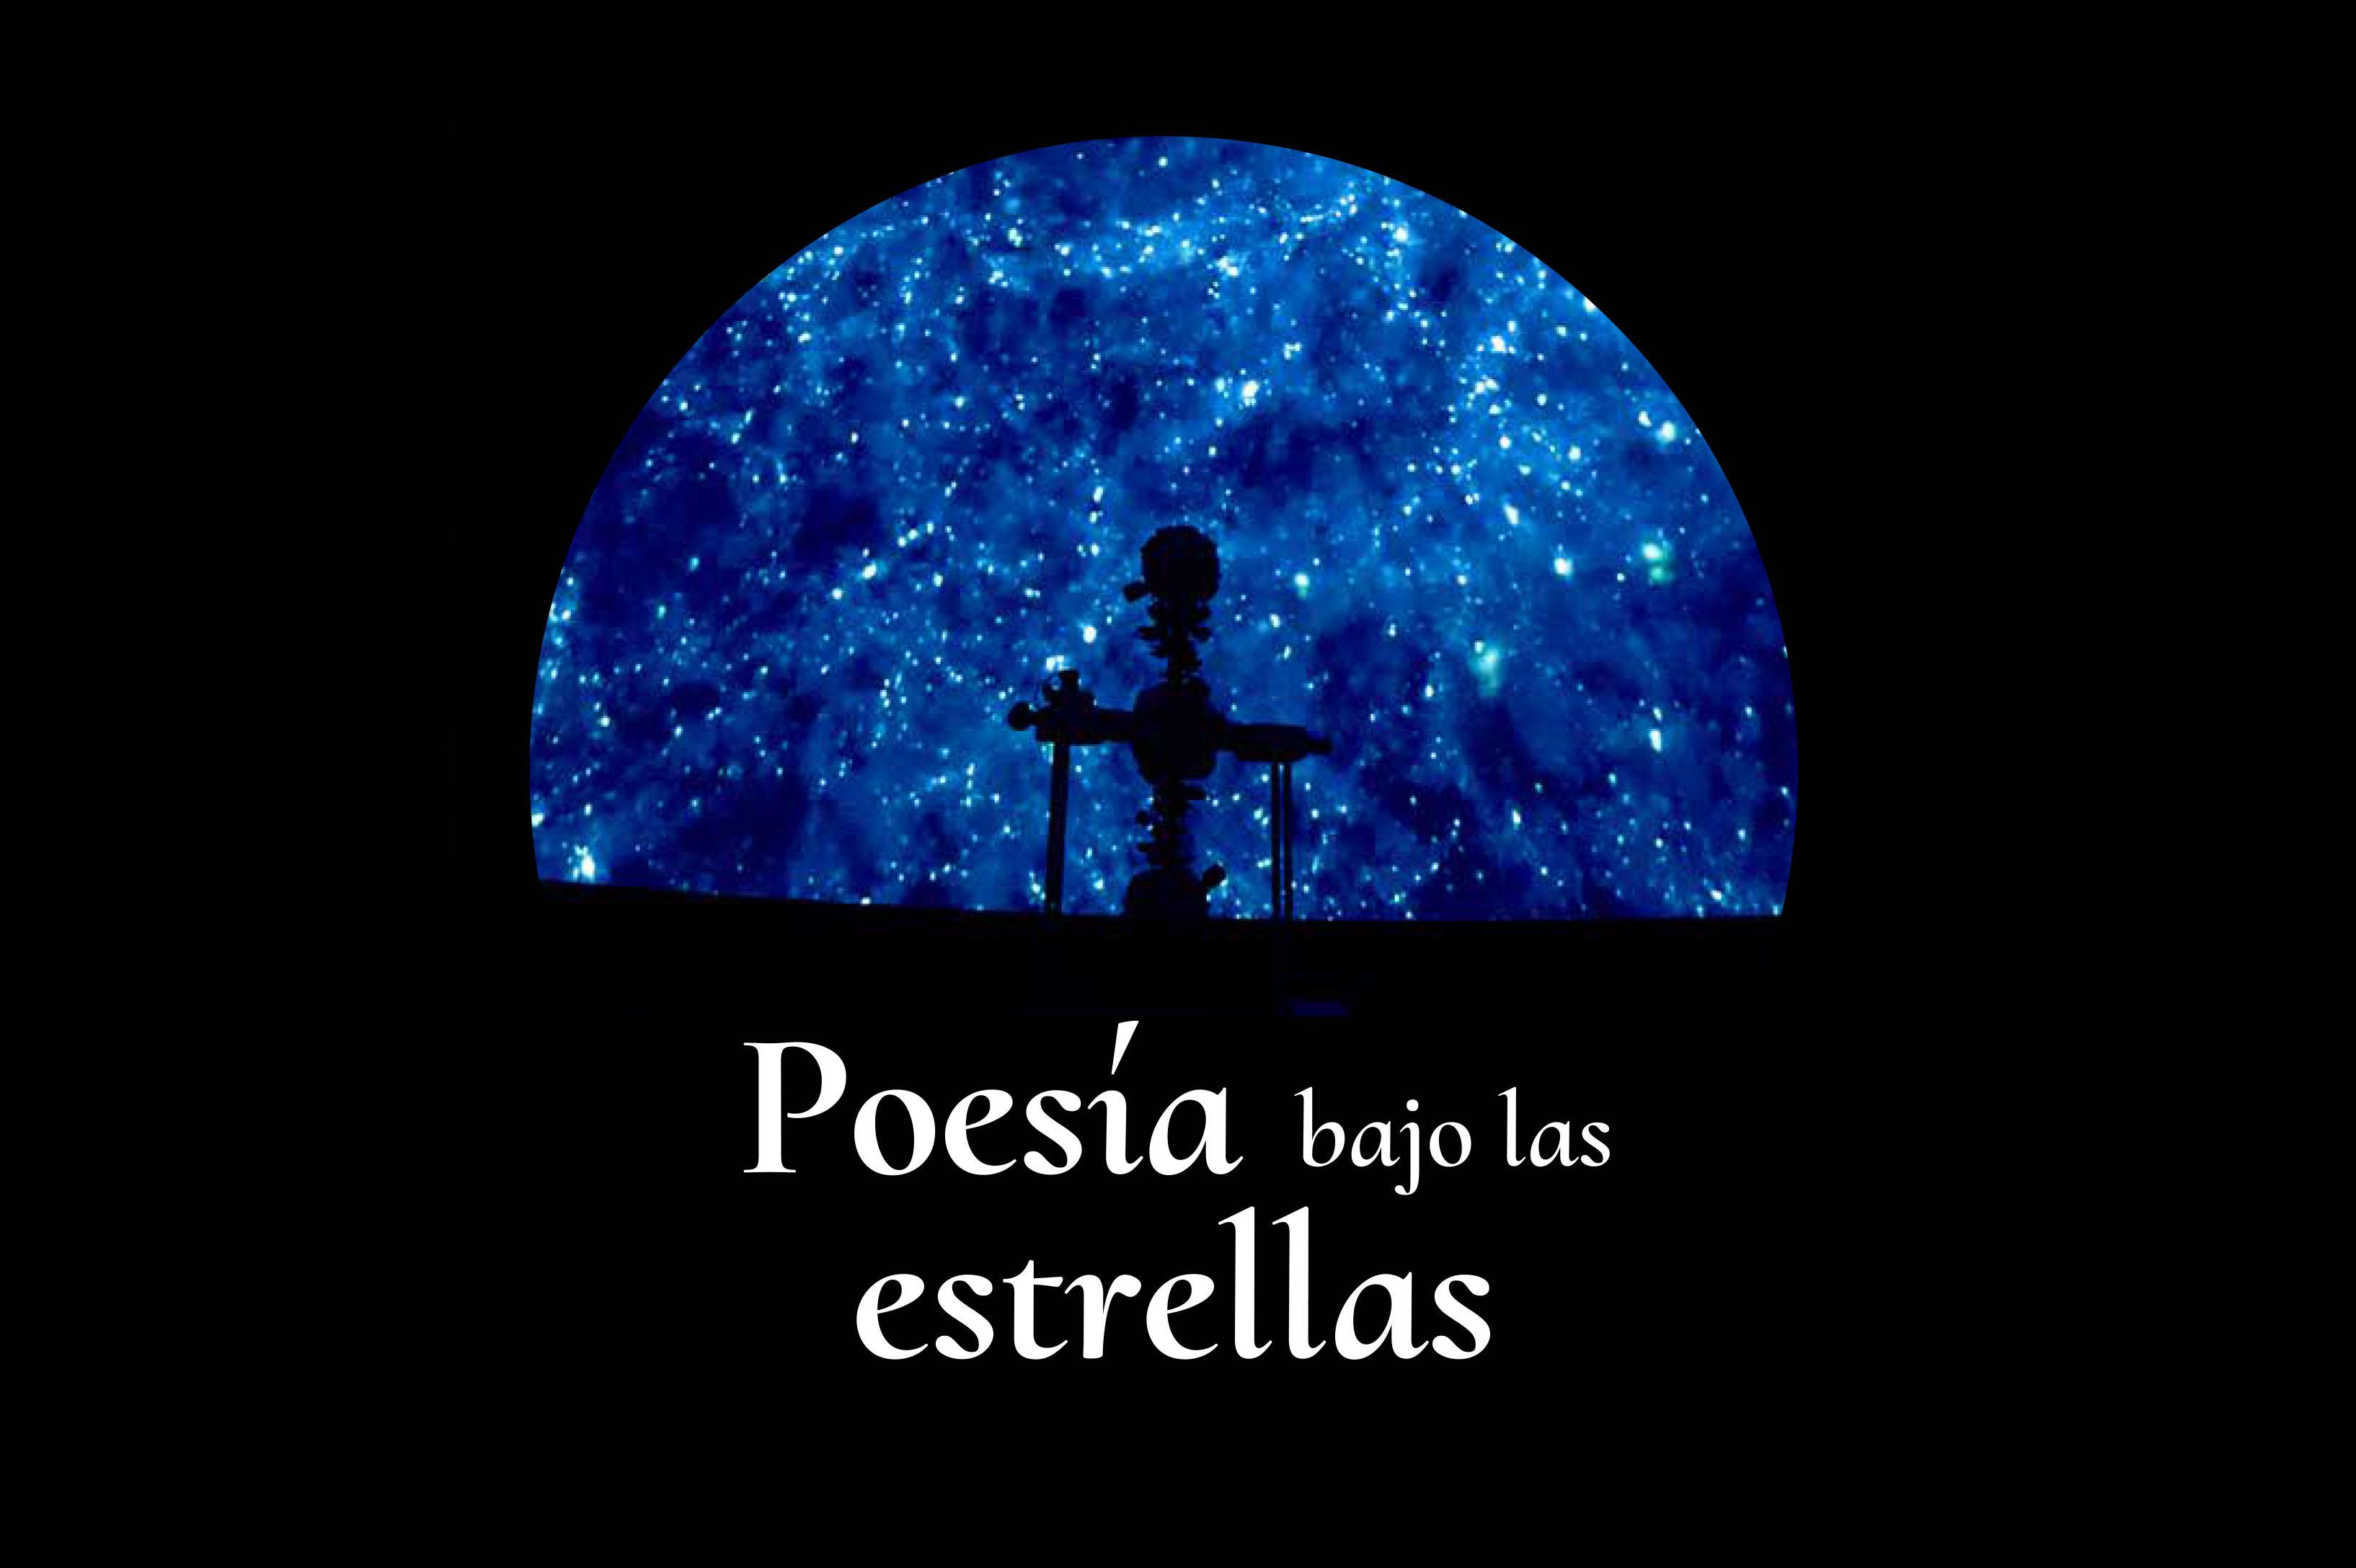 El Parque de las Ciencias celebra la 39 Feria del Libro con un ciclo de 'Poesía bajo las estrellas'